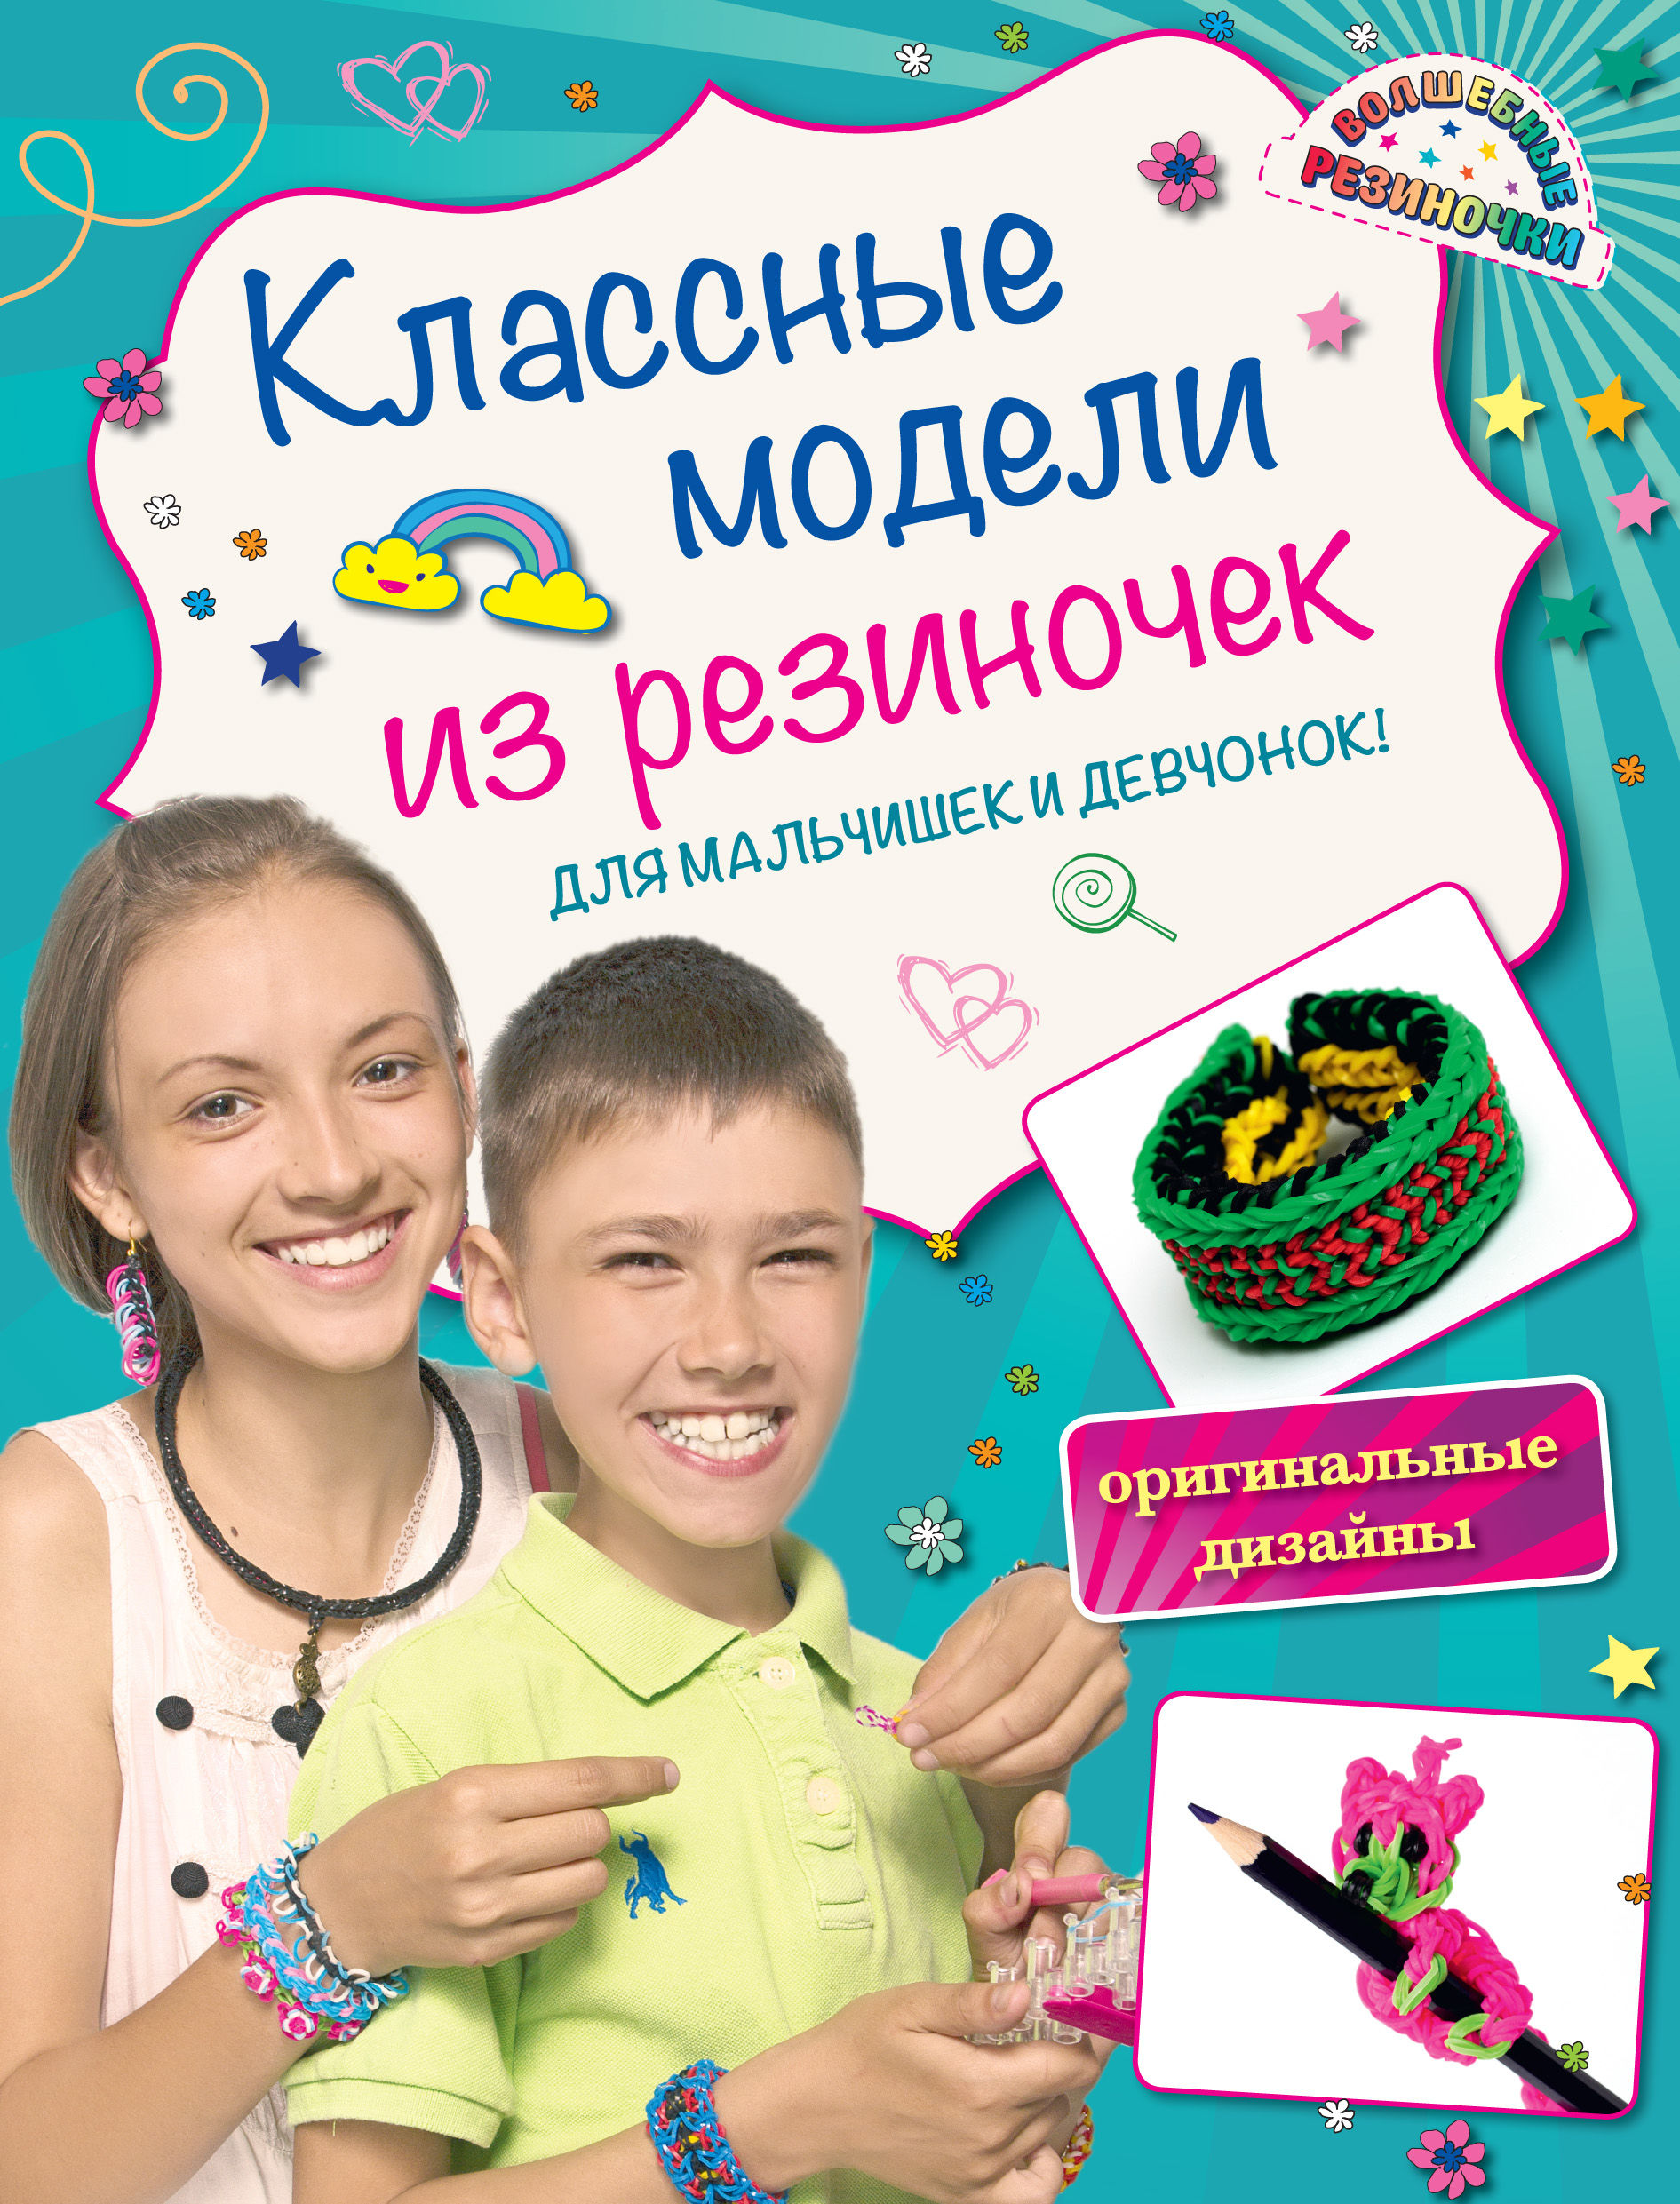 Ксения Скуратович Классные модели из резиночек для мальчишек и девчонок королев в экономика и рынок для девчонок и мальчишек